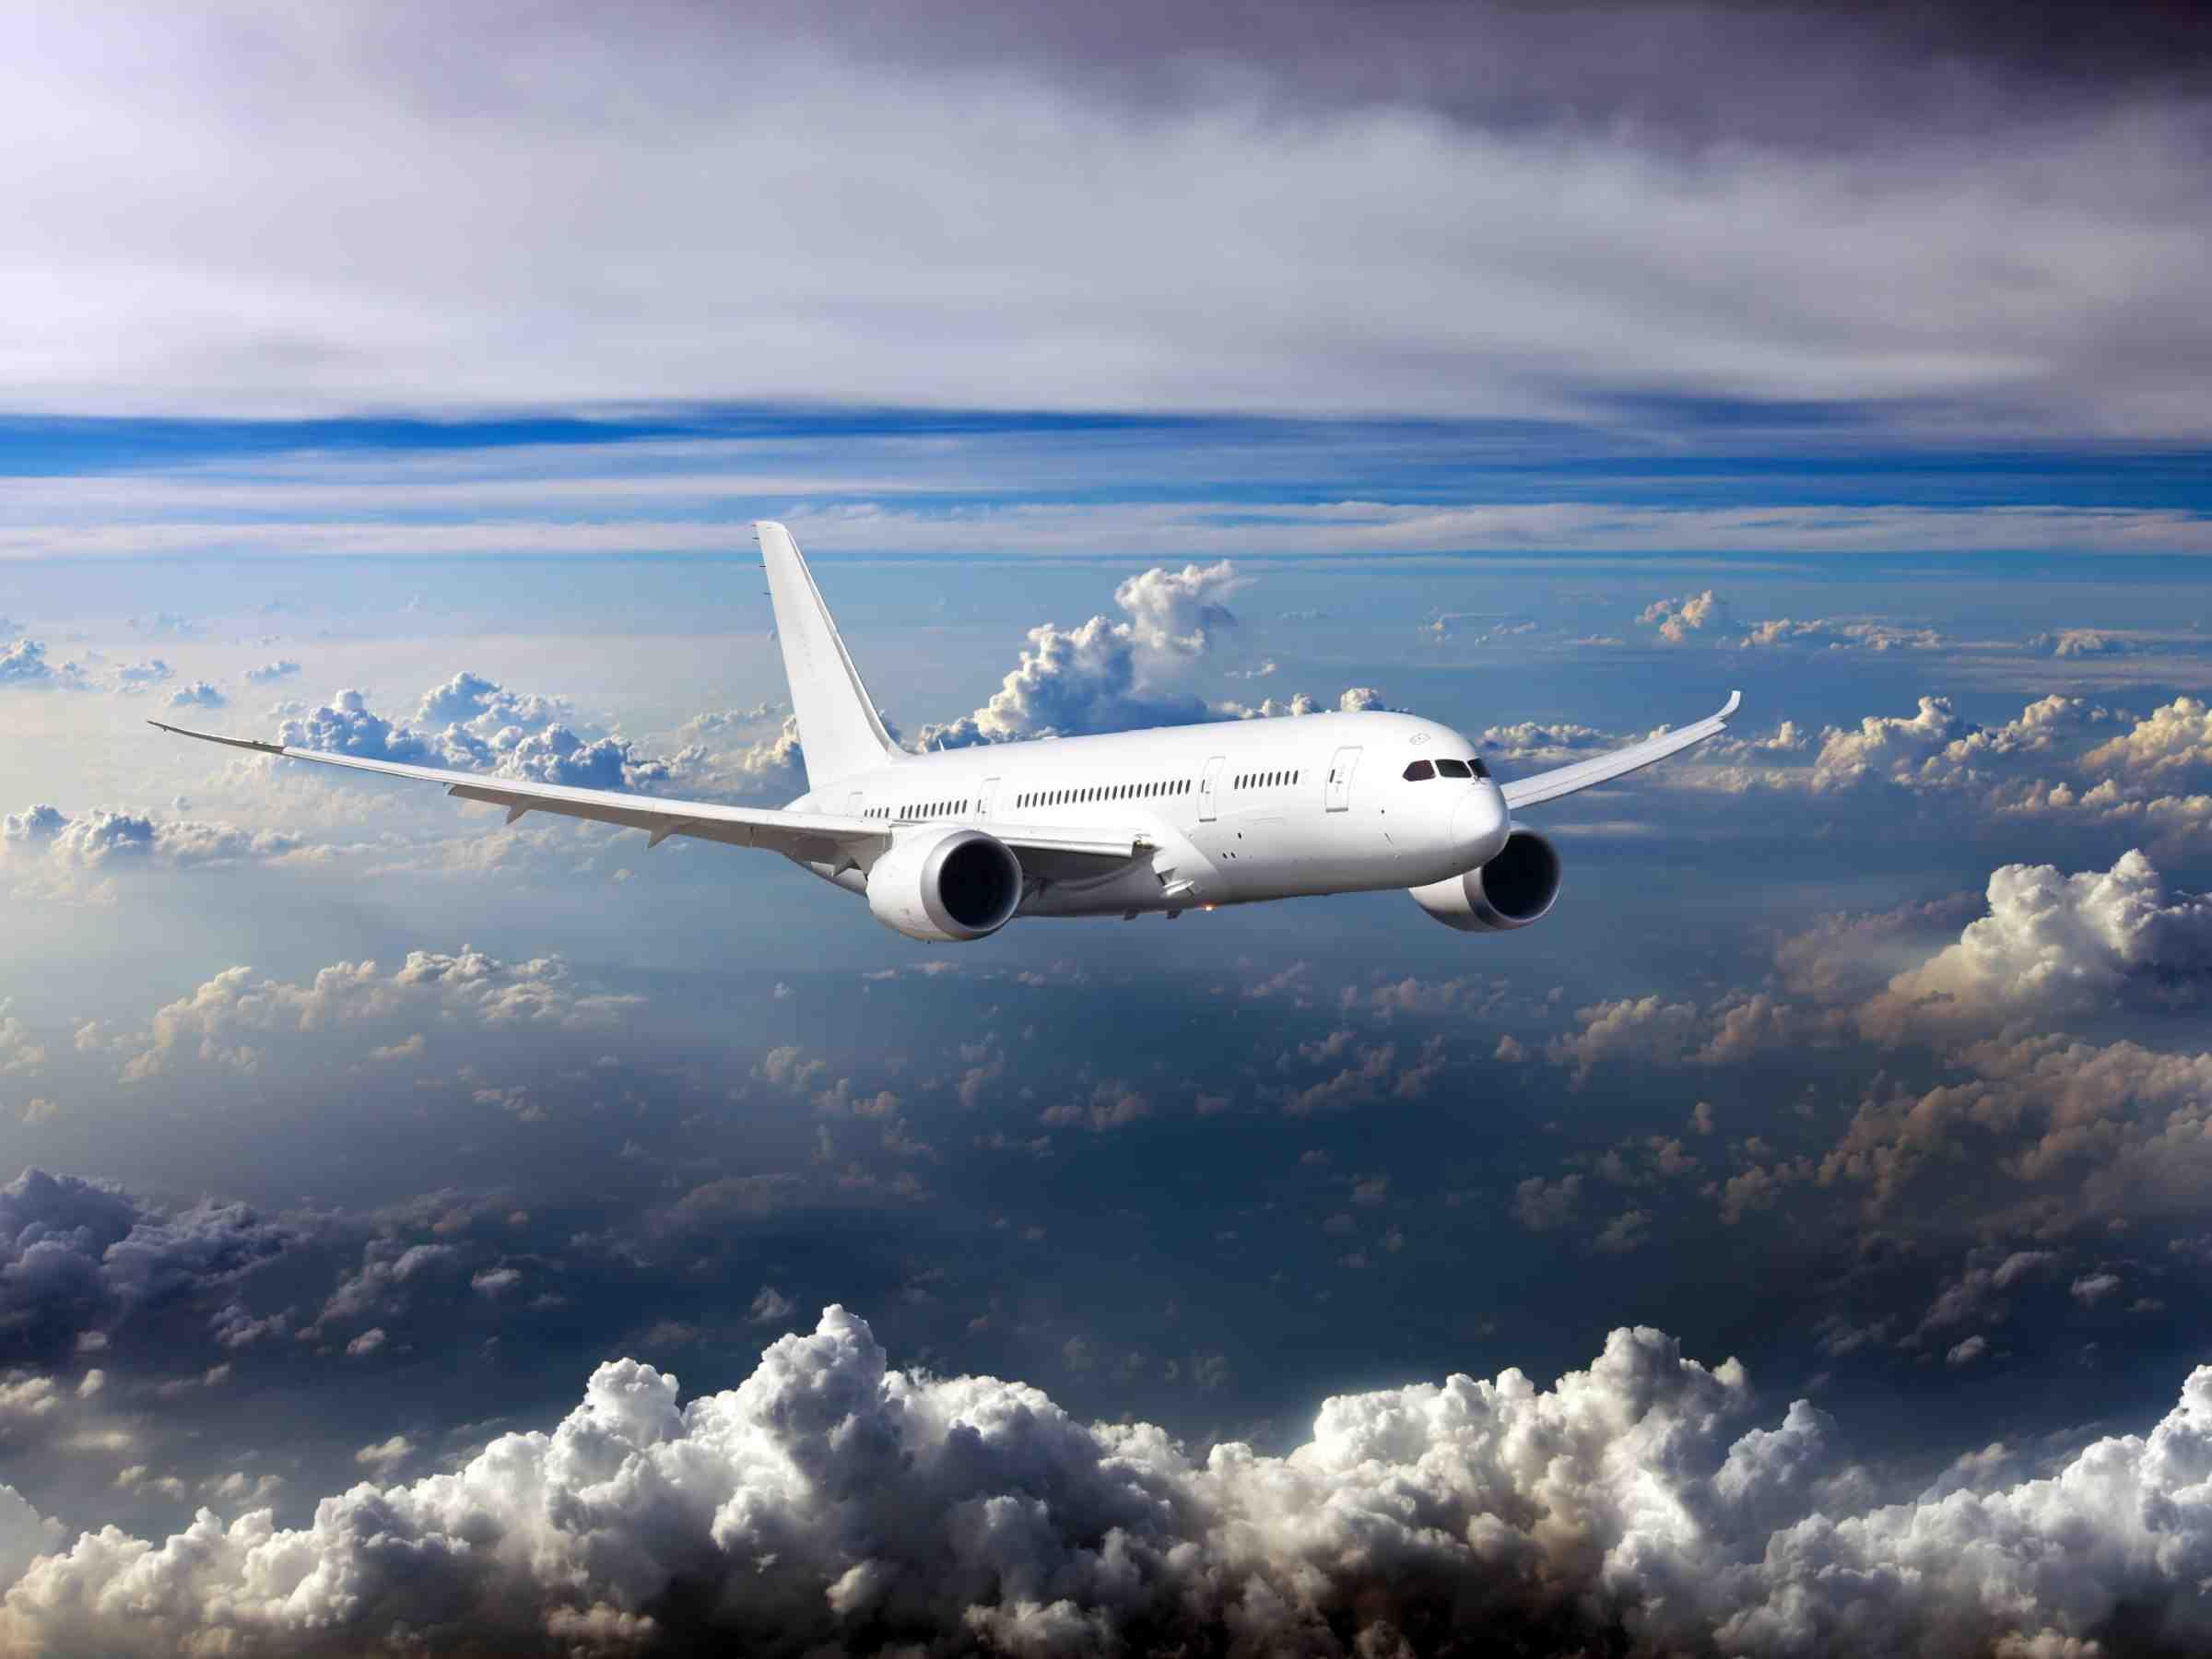 Comment améliorer Qatar Airways?